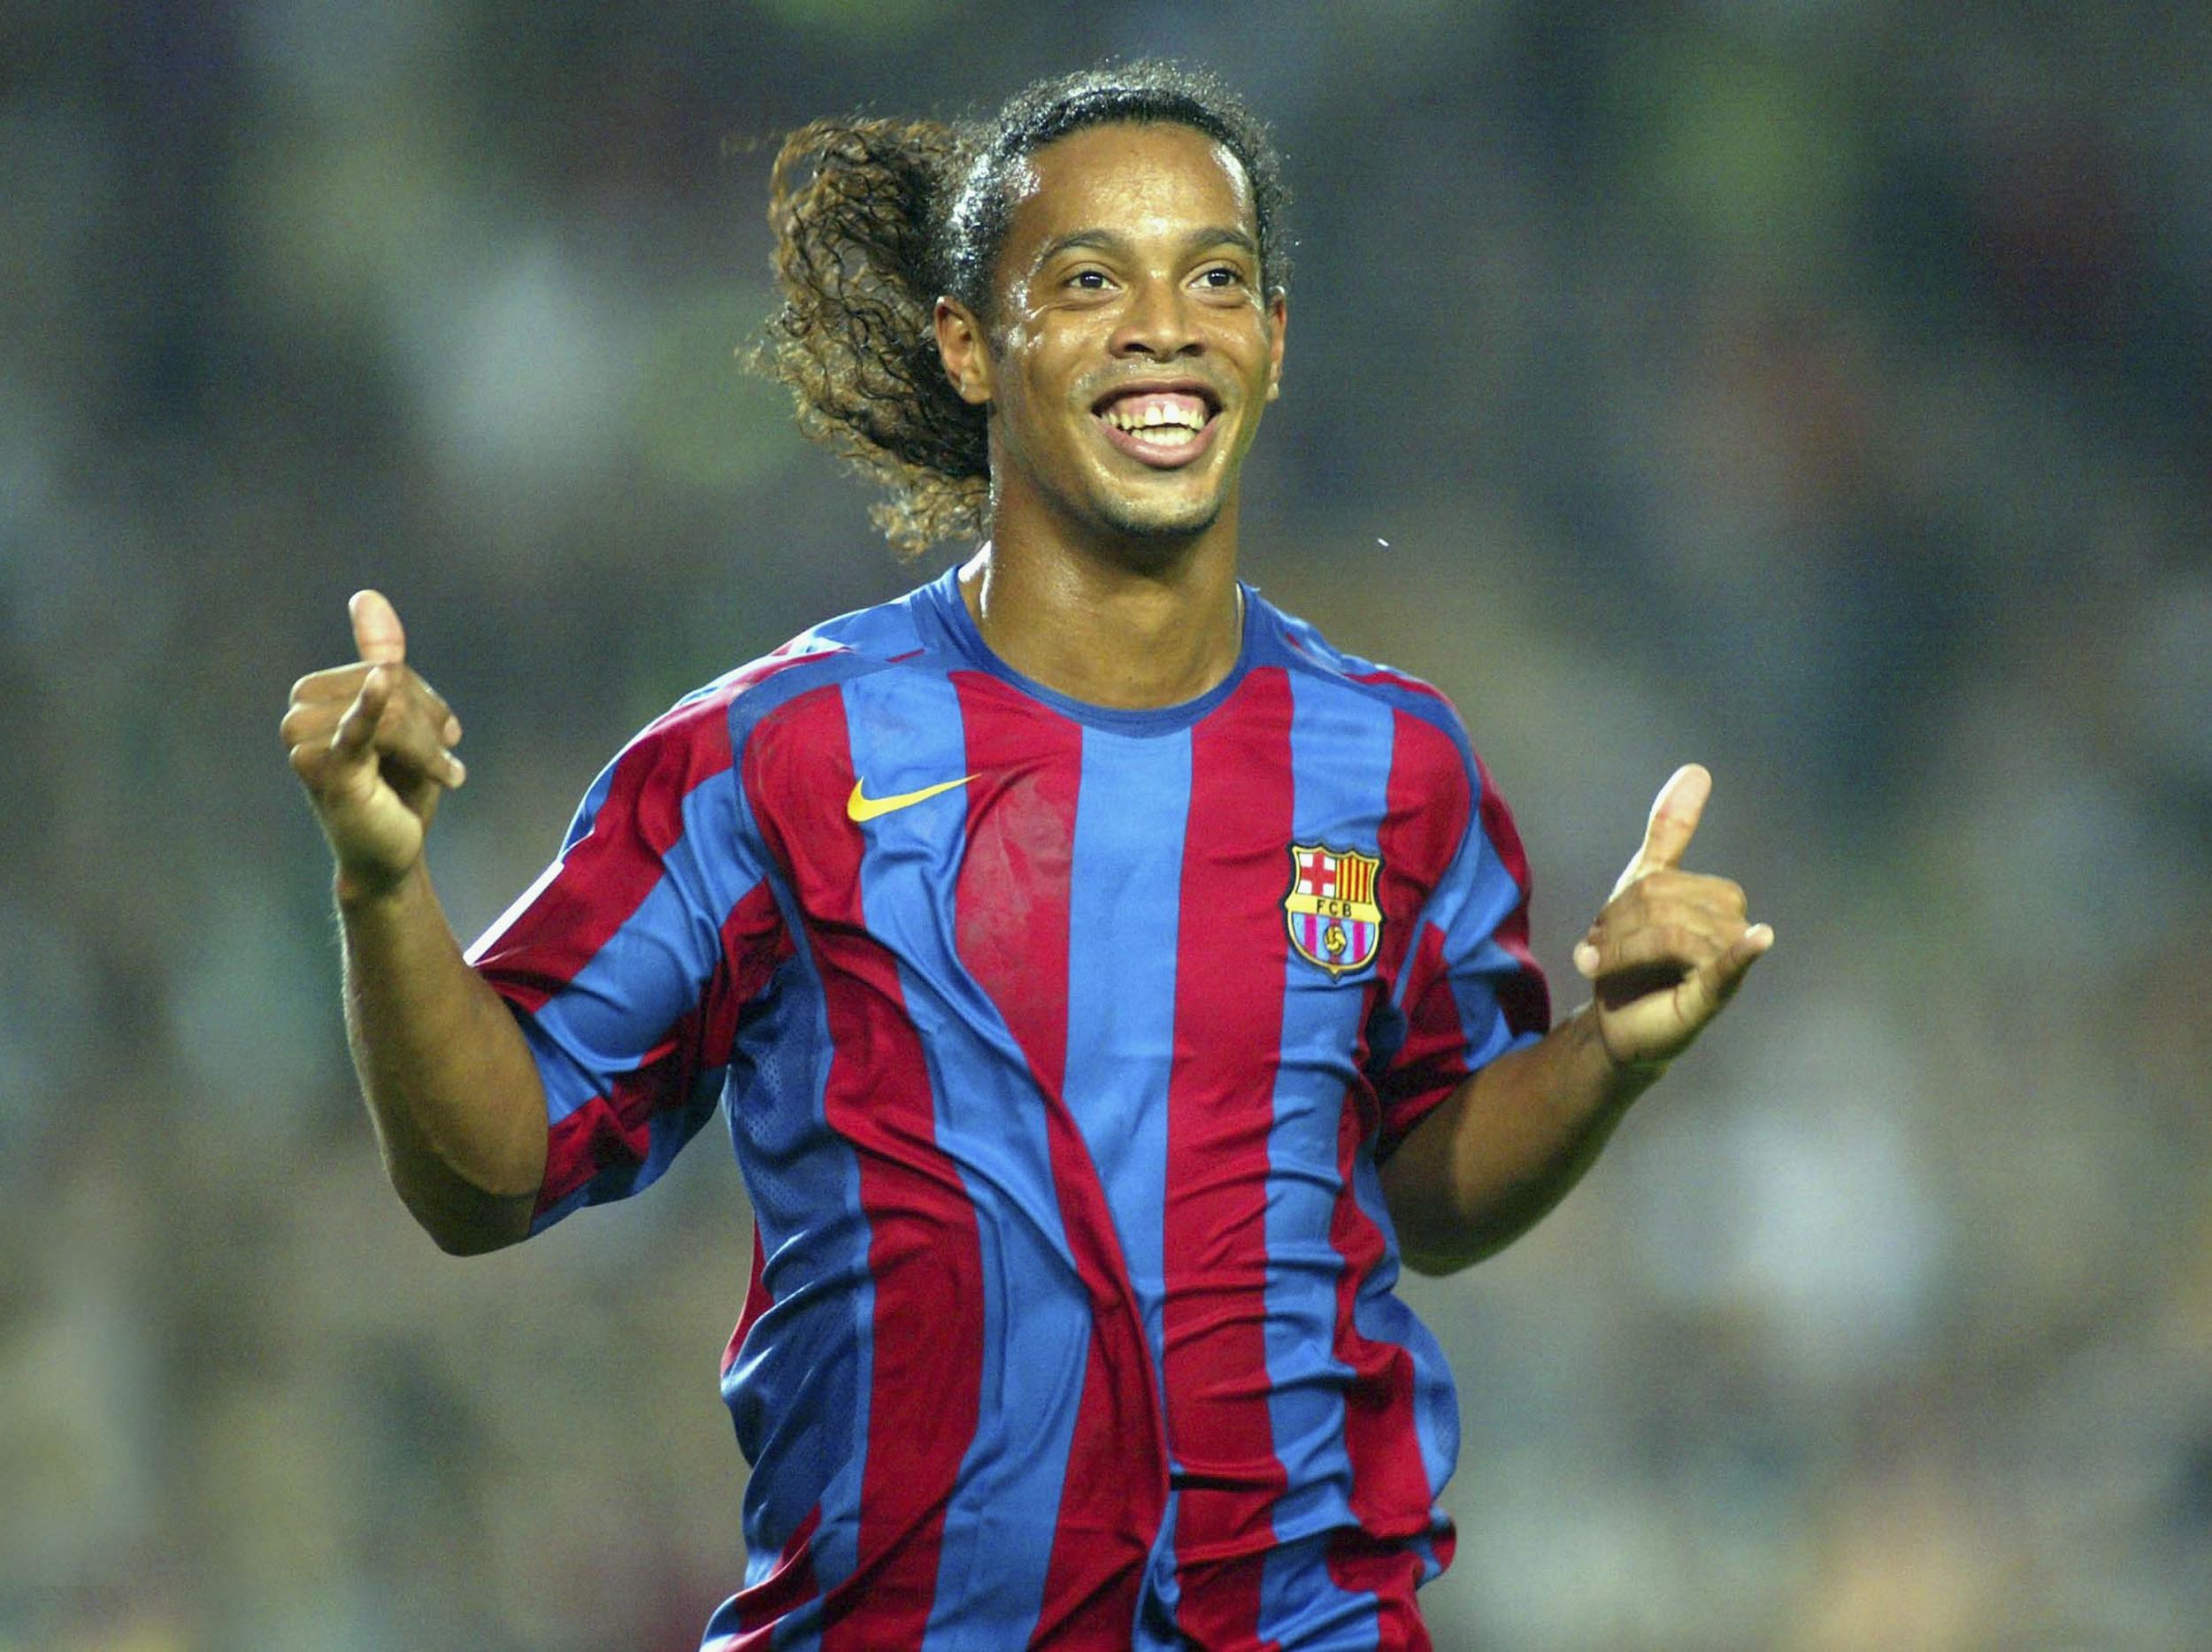 4. Ronaldinho